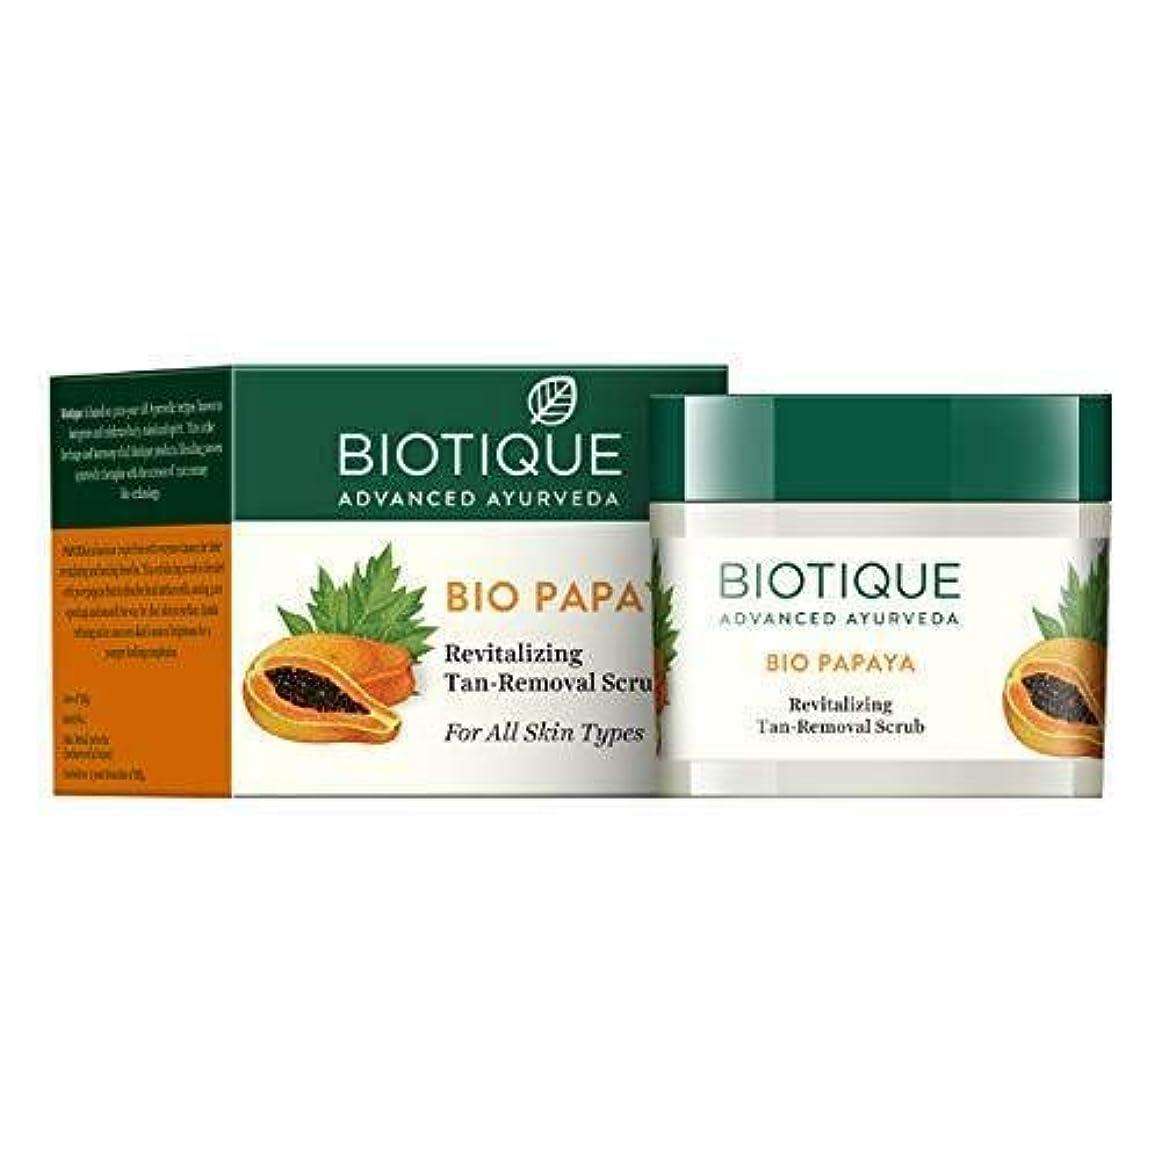 分散彼らは悲観的Biotique Bio Papaya Revitalizing Tan Removal Scrub for All Skin Types 75g すべての肌タイプのための日焼け除去スクラブを活性化させるBiotiqueバイオパパイヤ